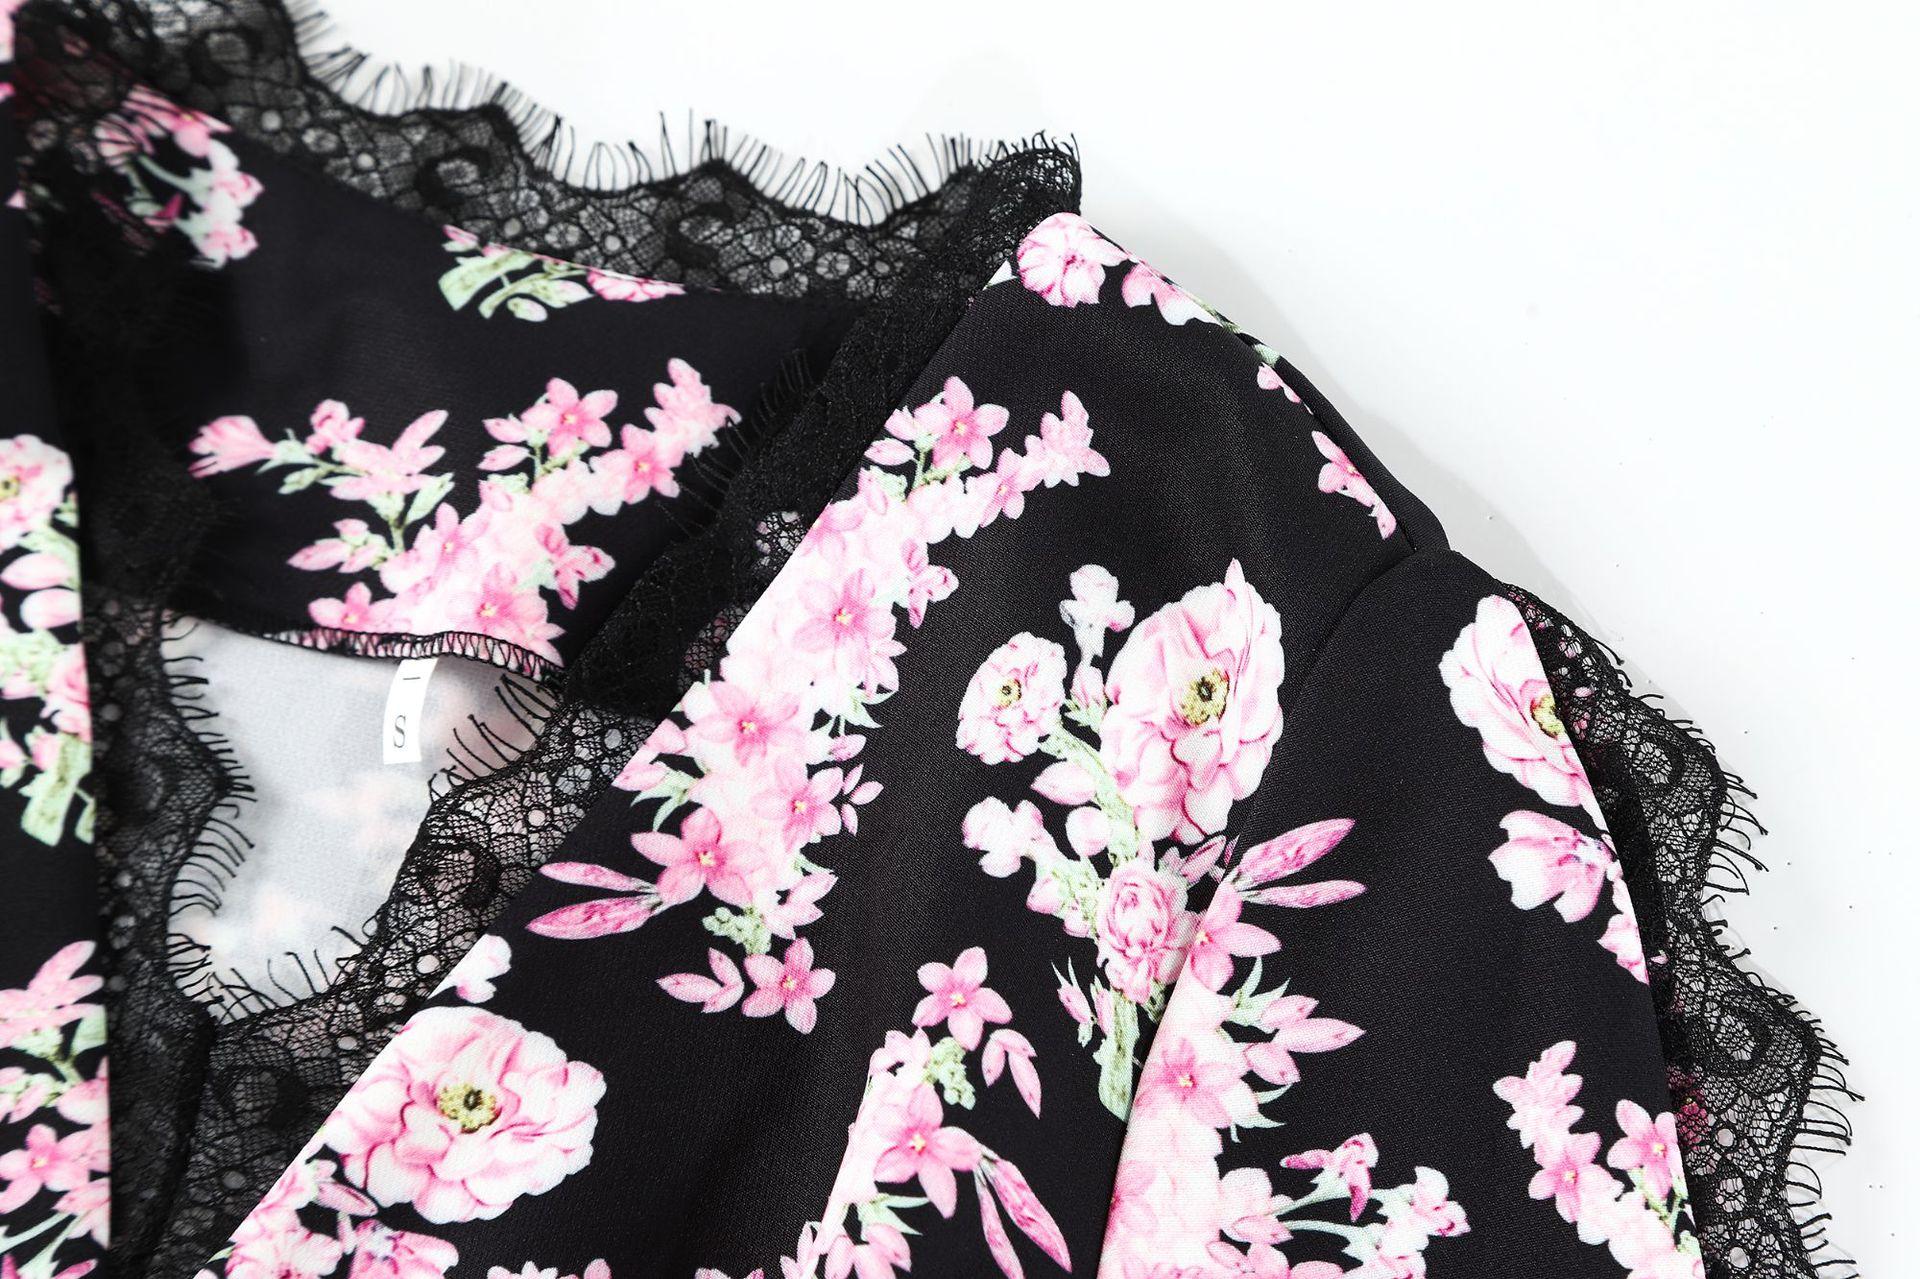 Qyfcioufu Vintage Imprimé Moulante Femmes Sexy Automne 2018 Noir Designer Parti Robes Sirène cou De Robe Ruches Slim V Floral 0W078np